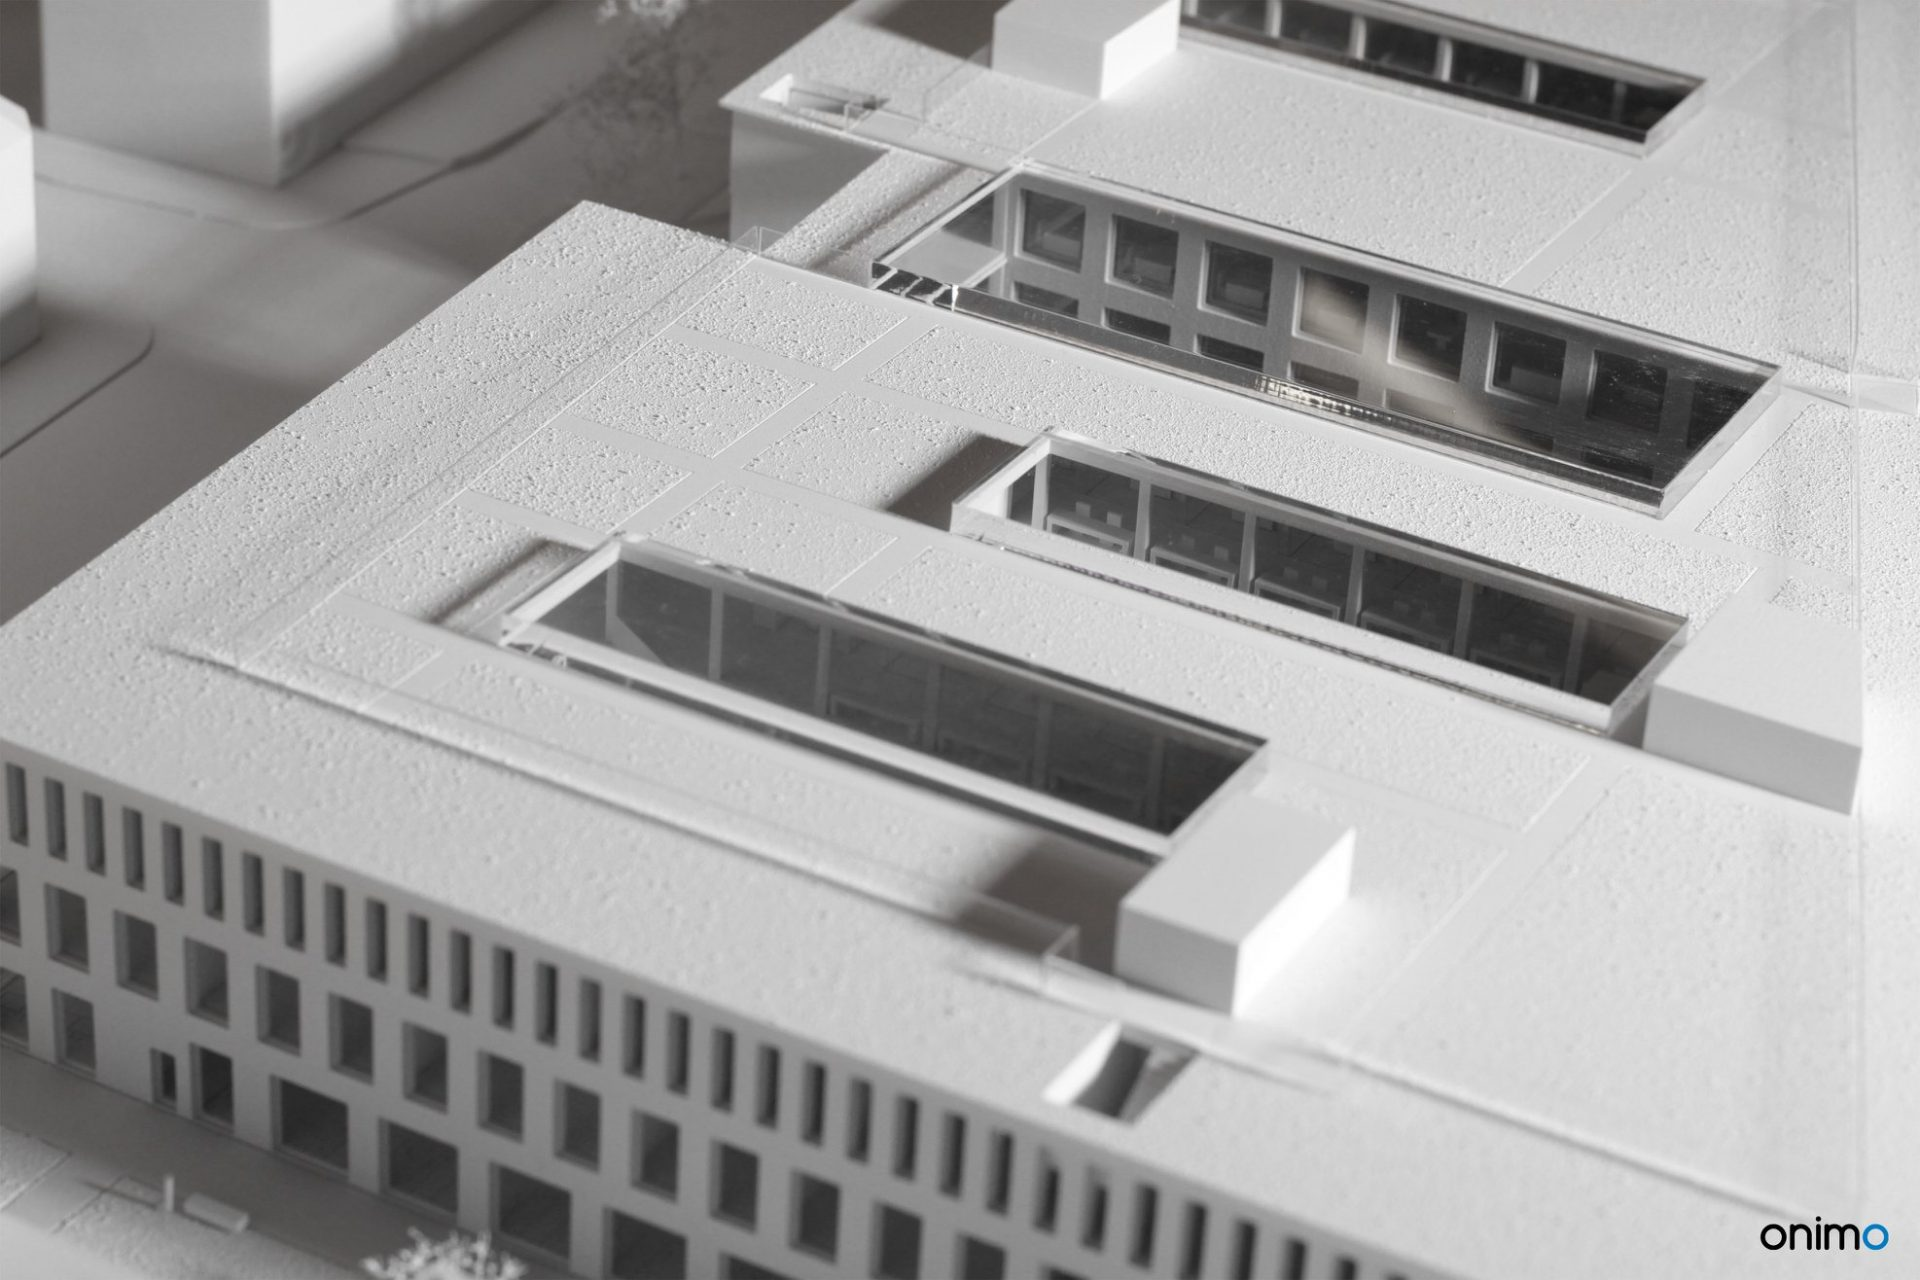 Budynek dydaktyczny UW, WXCA, ONIMO Makiety Architektoniczne, najlepsze makiety architektoniczne, najlepsze modele budynków, uniwersytet warszawski